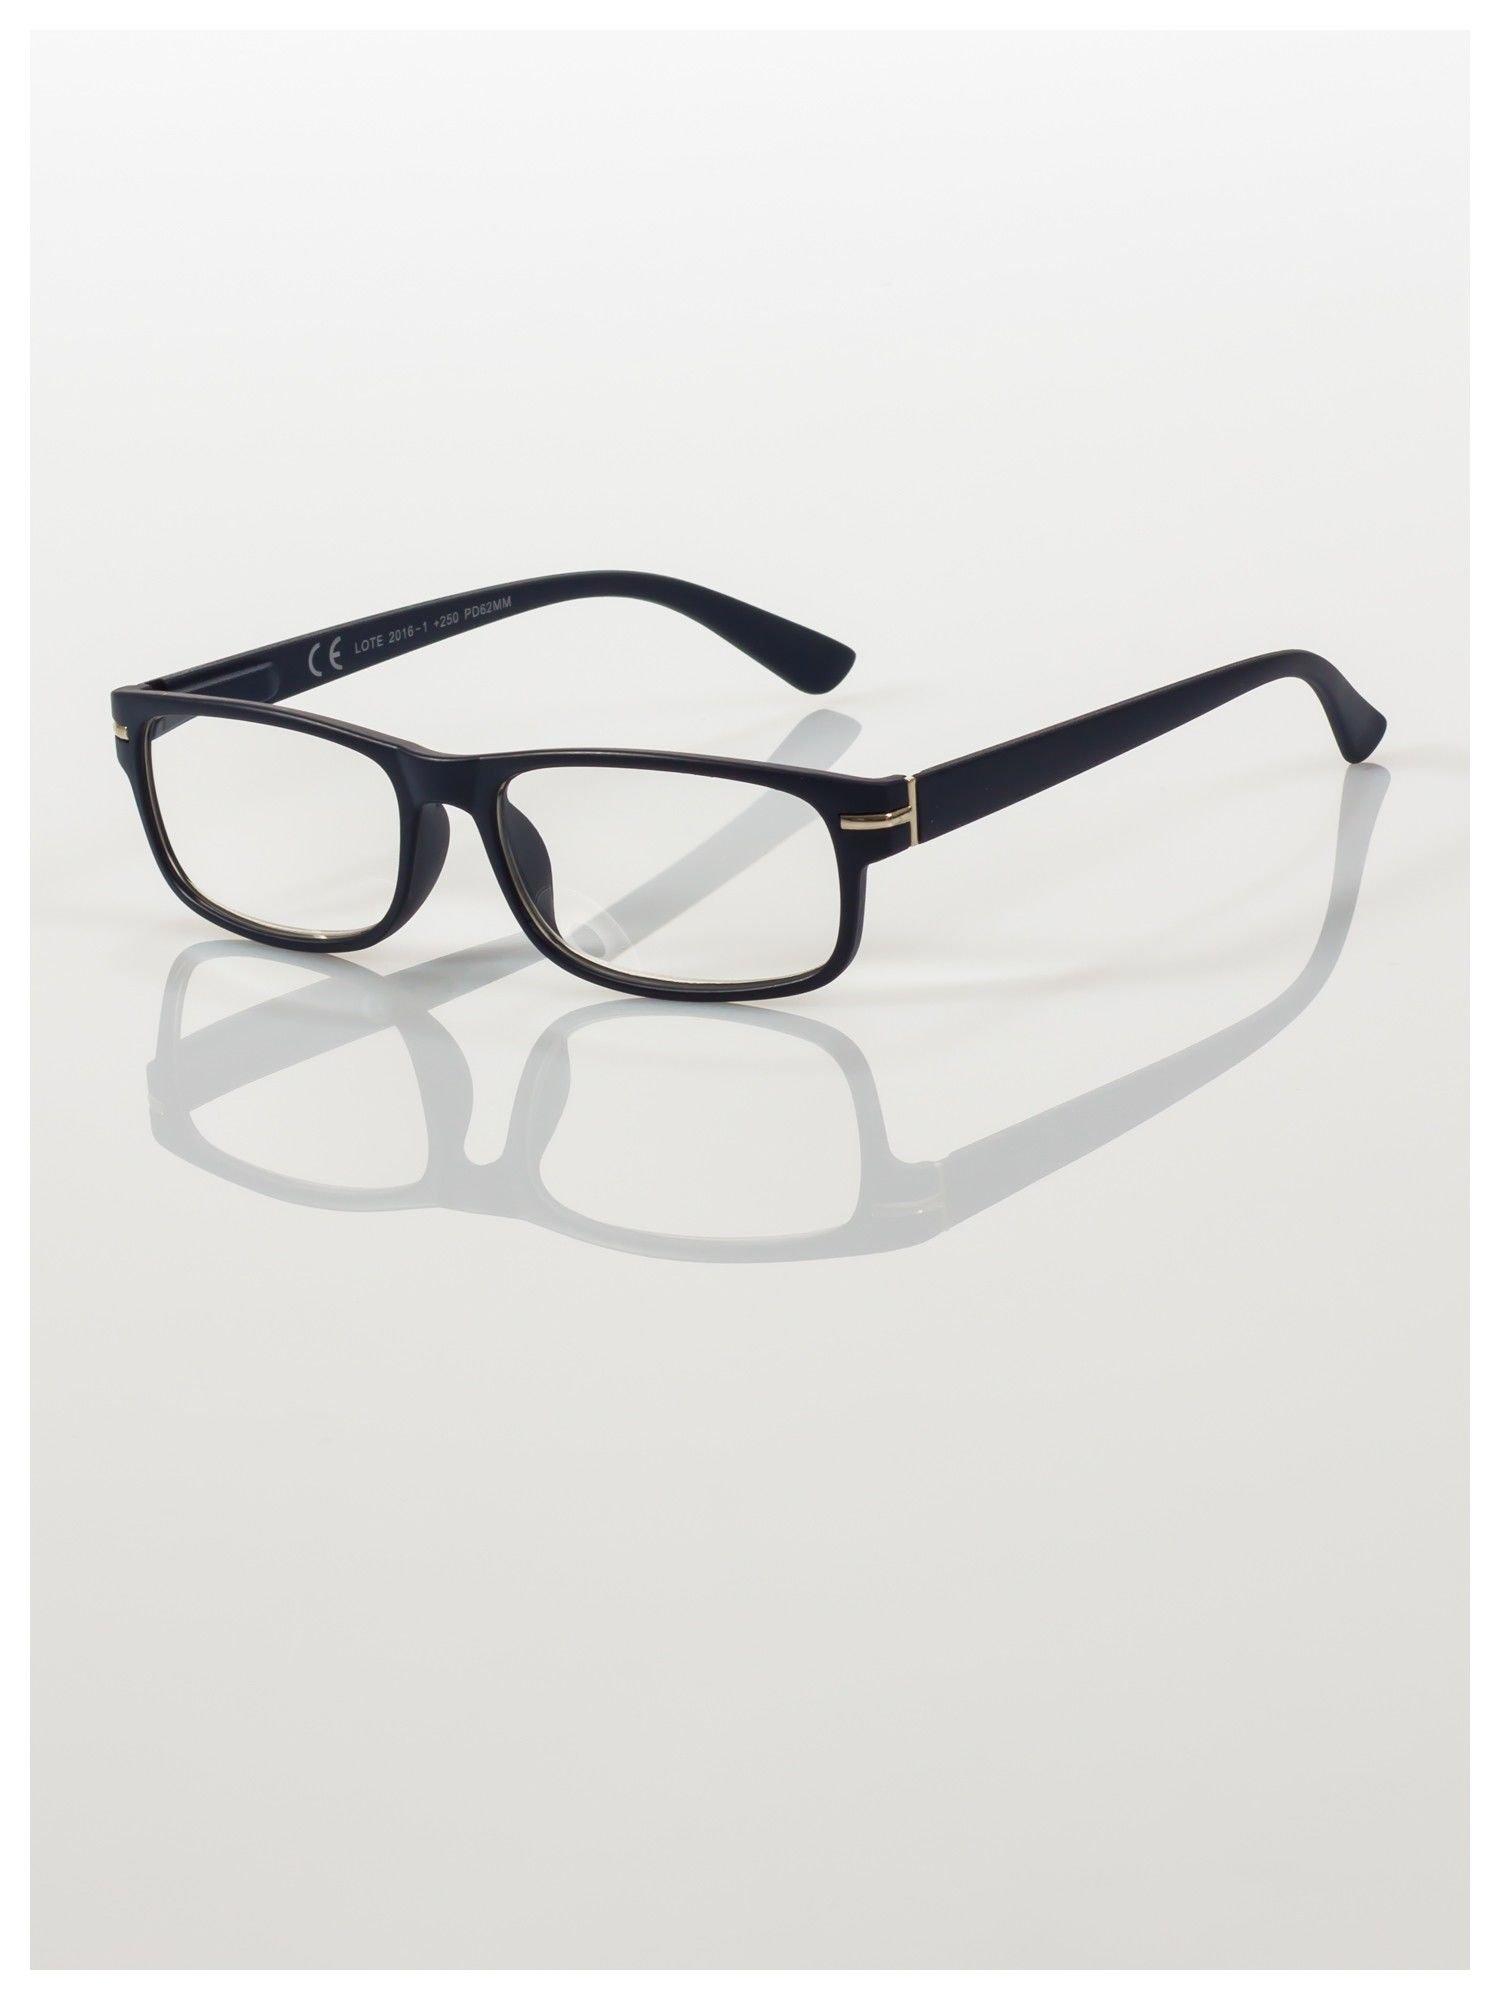 Eleganckie granatowe matowe korekcyjne okulary do czytania +4.0 D  z sytemem FLEX na zausznikach                                  zdj.                                  1